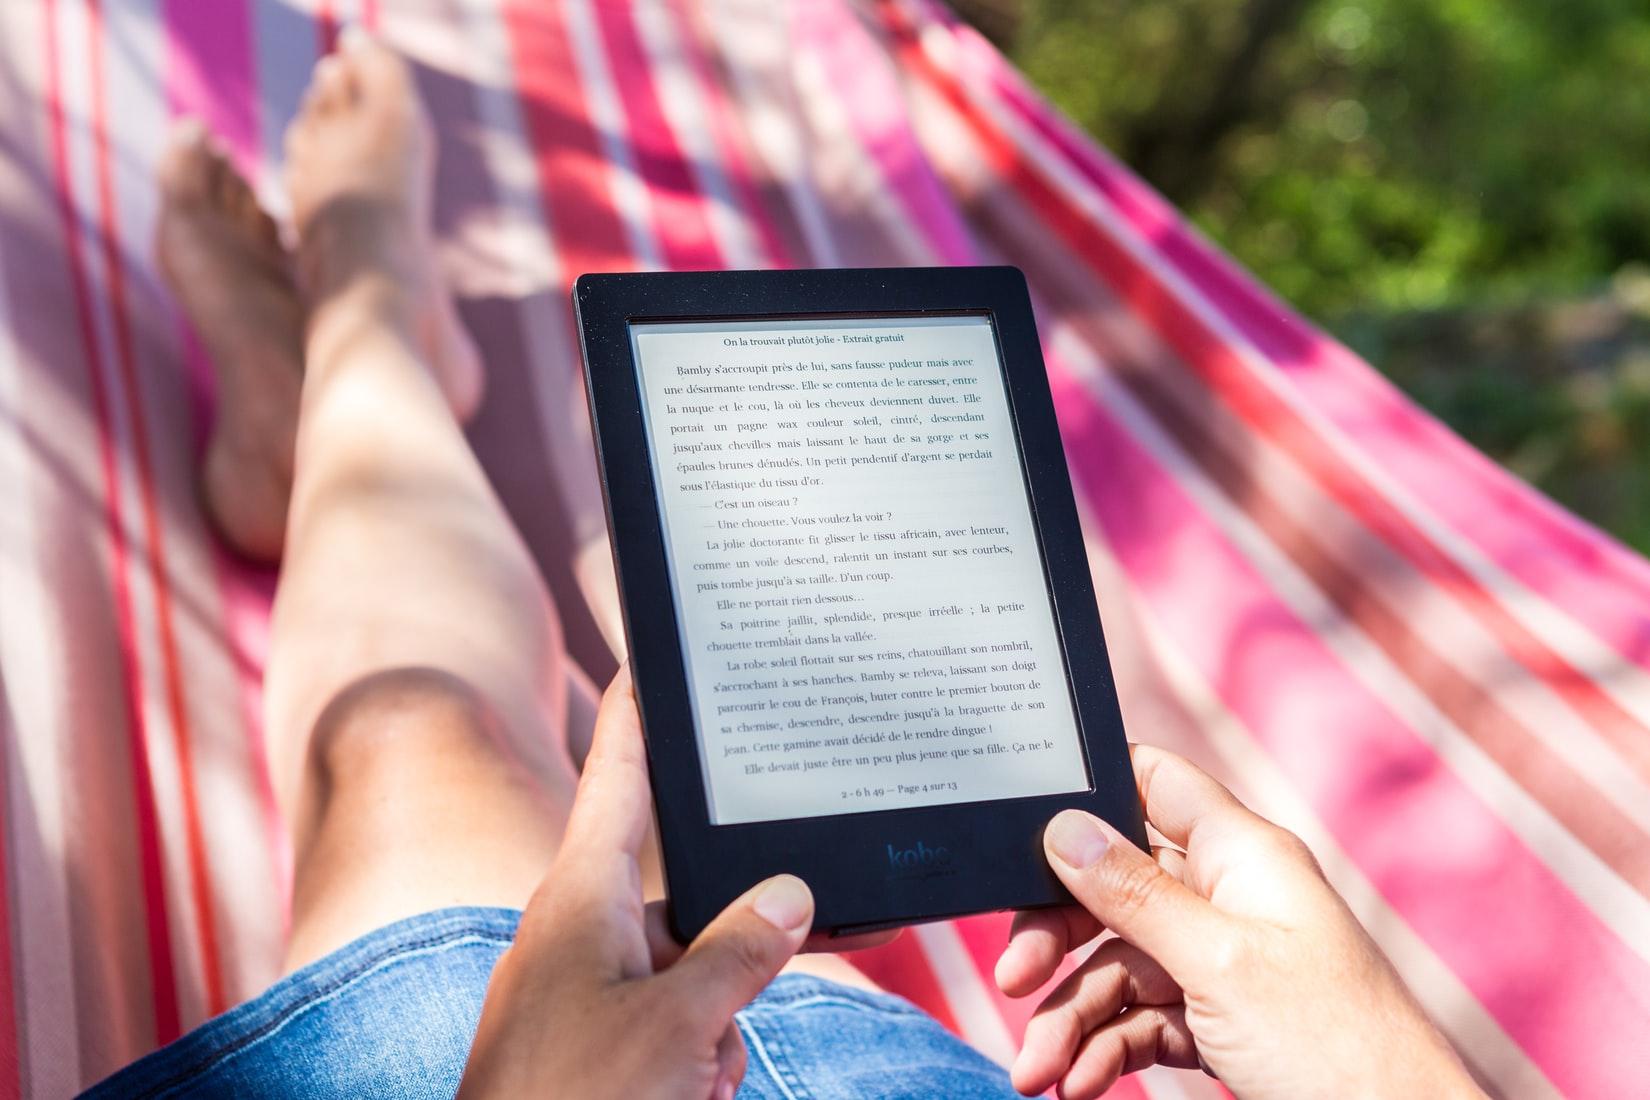 Fácil de transportar, com o Kindle você pode ter centenas, ou até milhares de livros sempre com você.